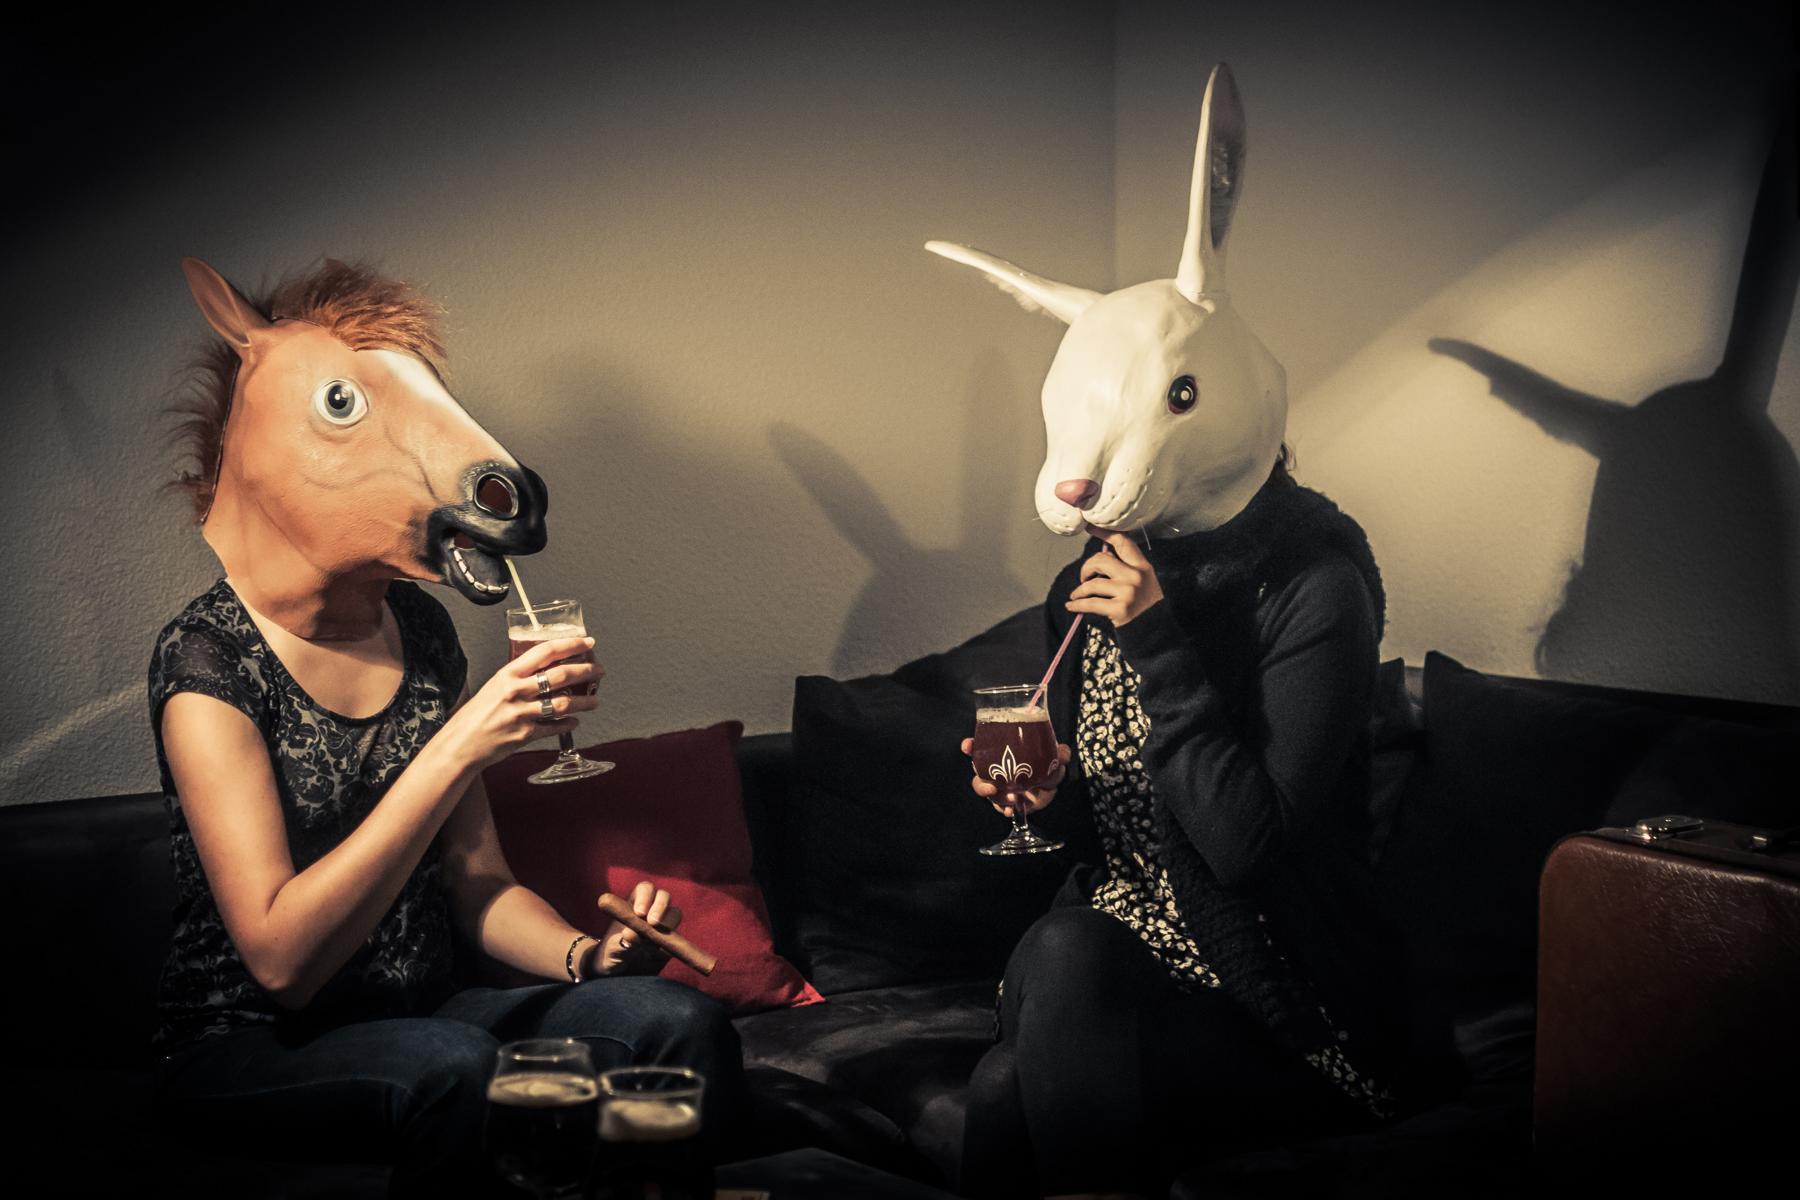 boire une bière avec tes amis.